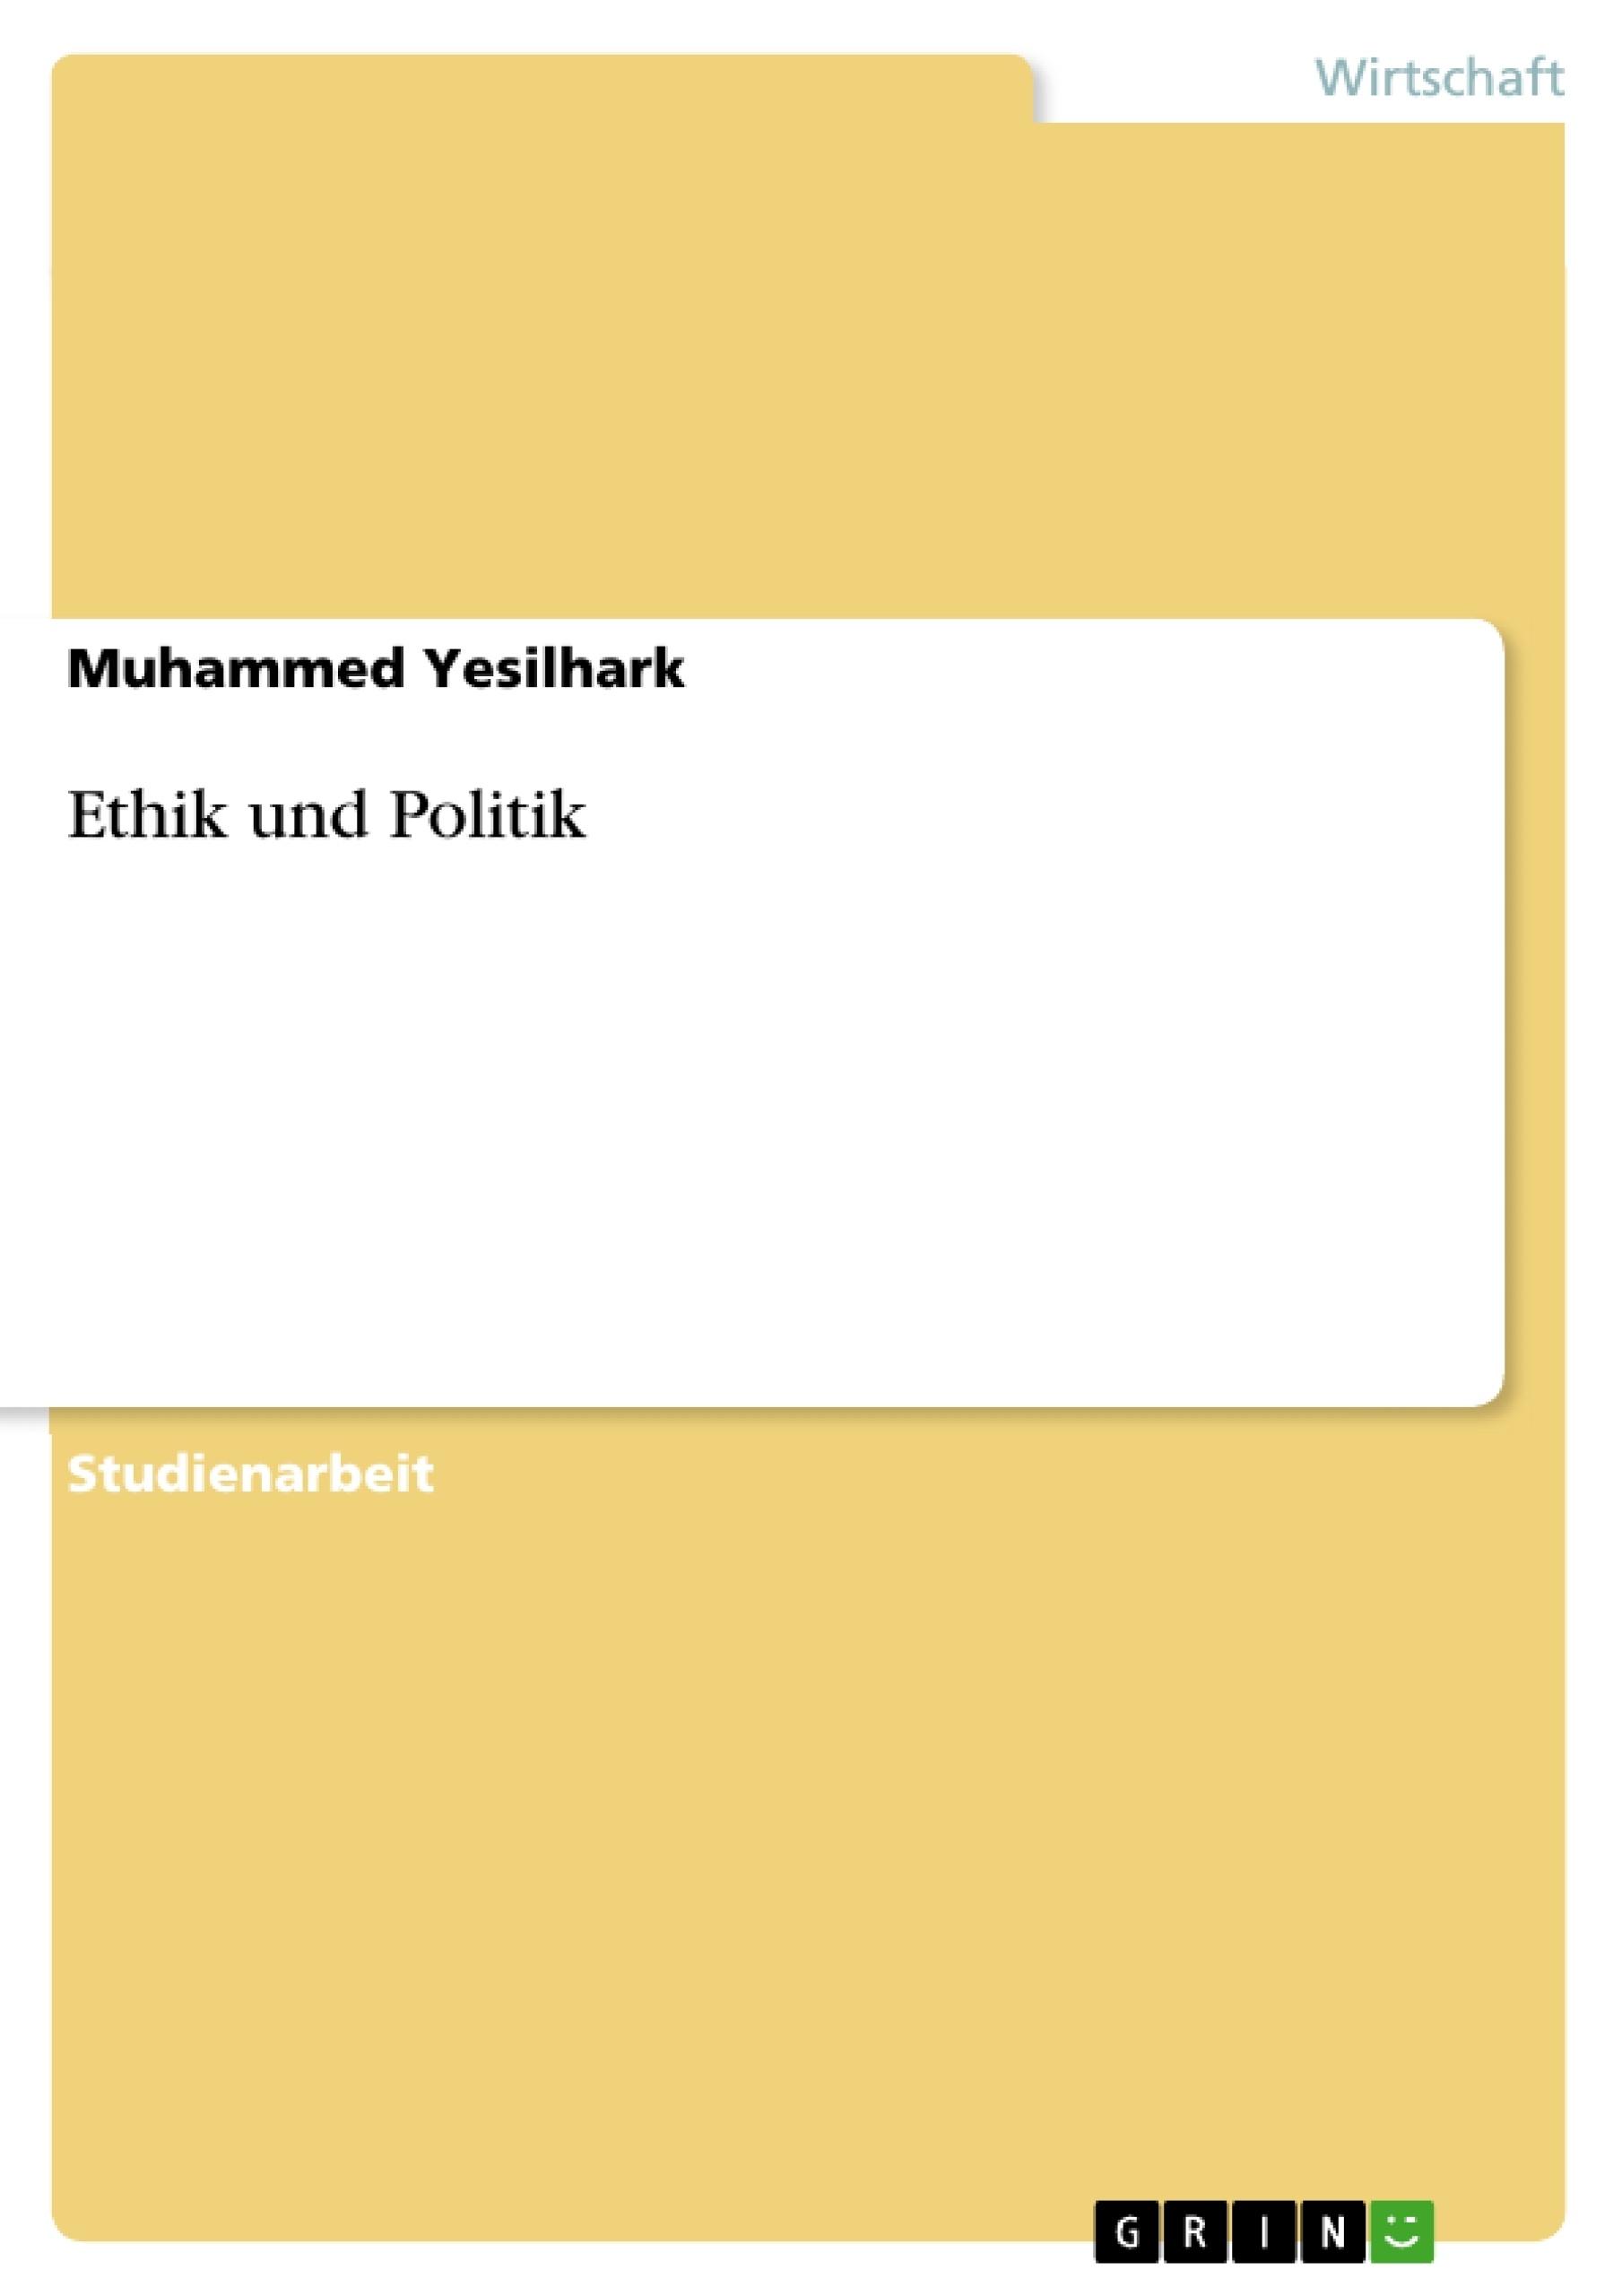 Titel: Ethik und Politik